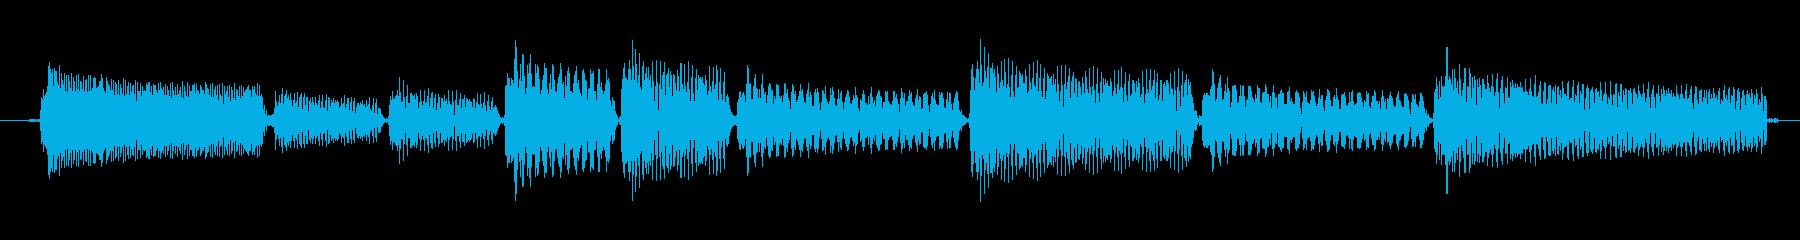 【トイピアノ/ショートループ/ジングル】の再生済みの波形